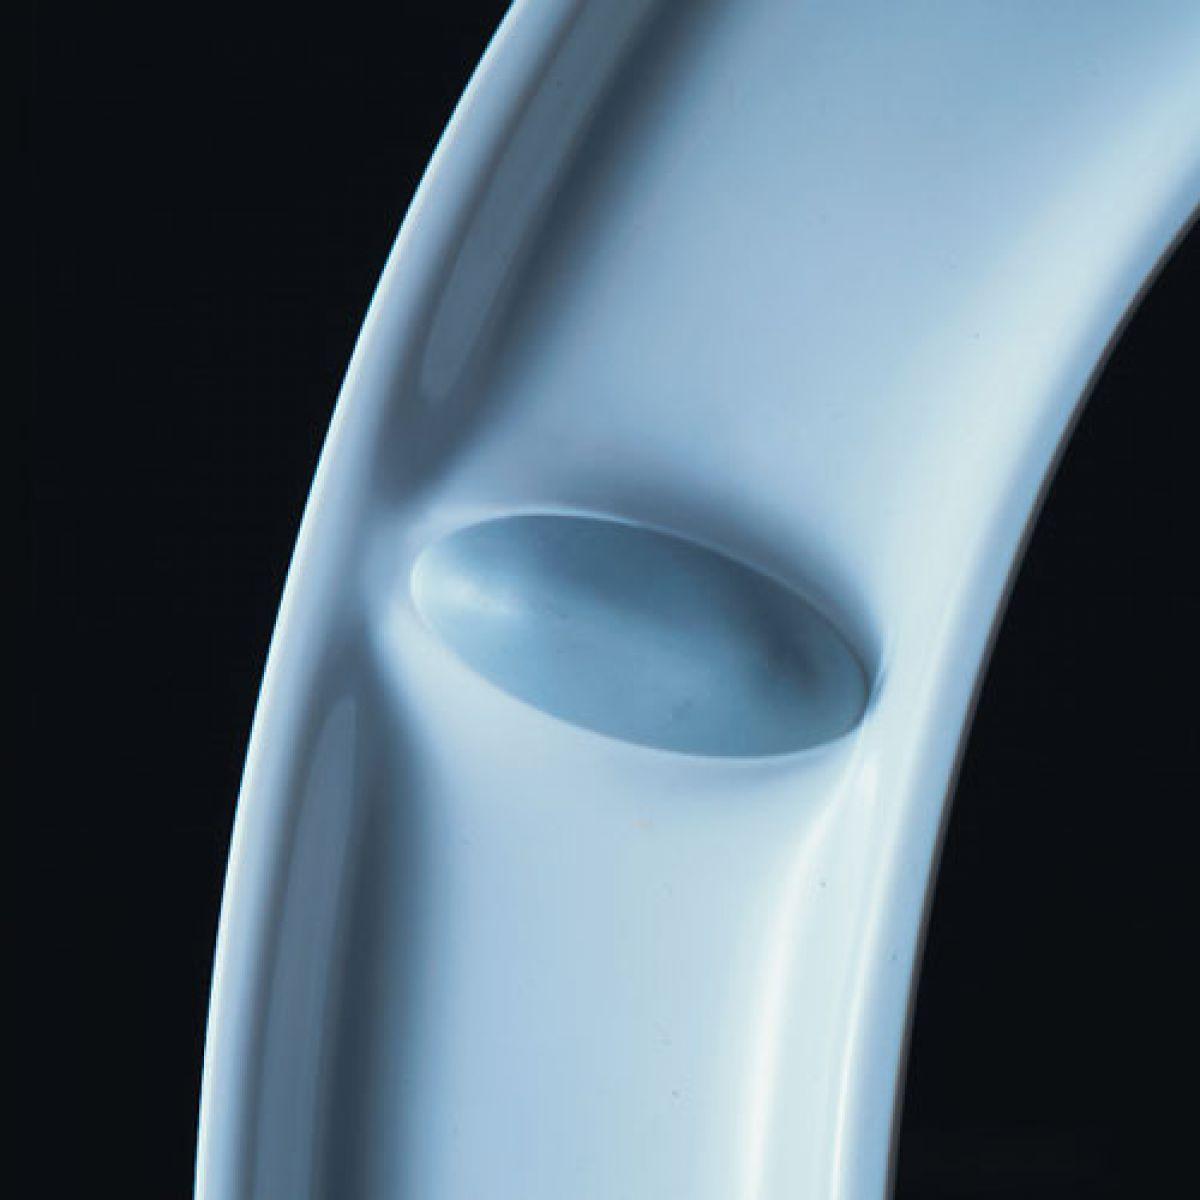 Pressalit T2 Heavyweight Toilet Seat (formerly Tivoli 2) : UK Bathrooms